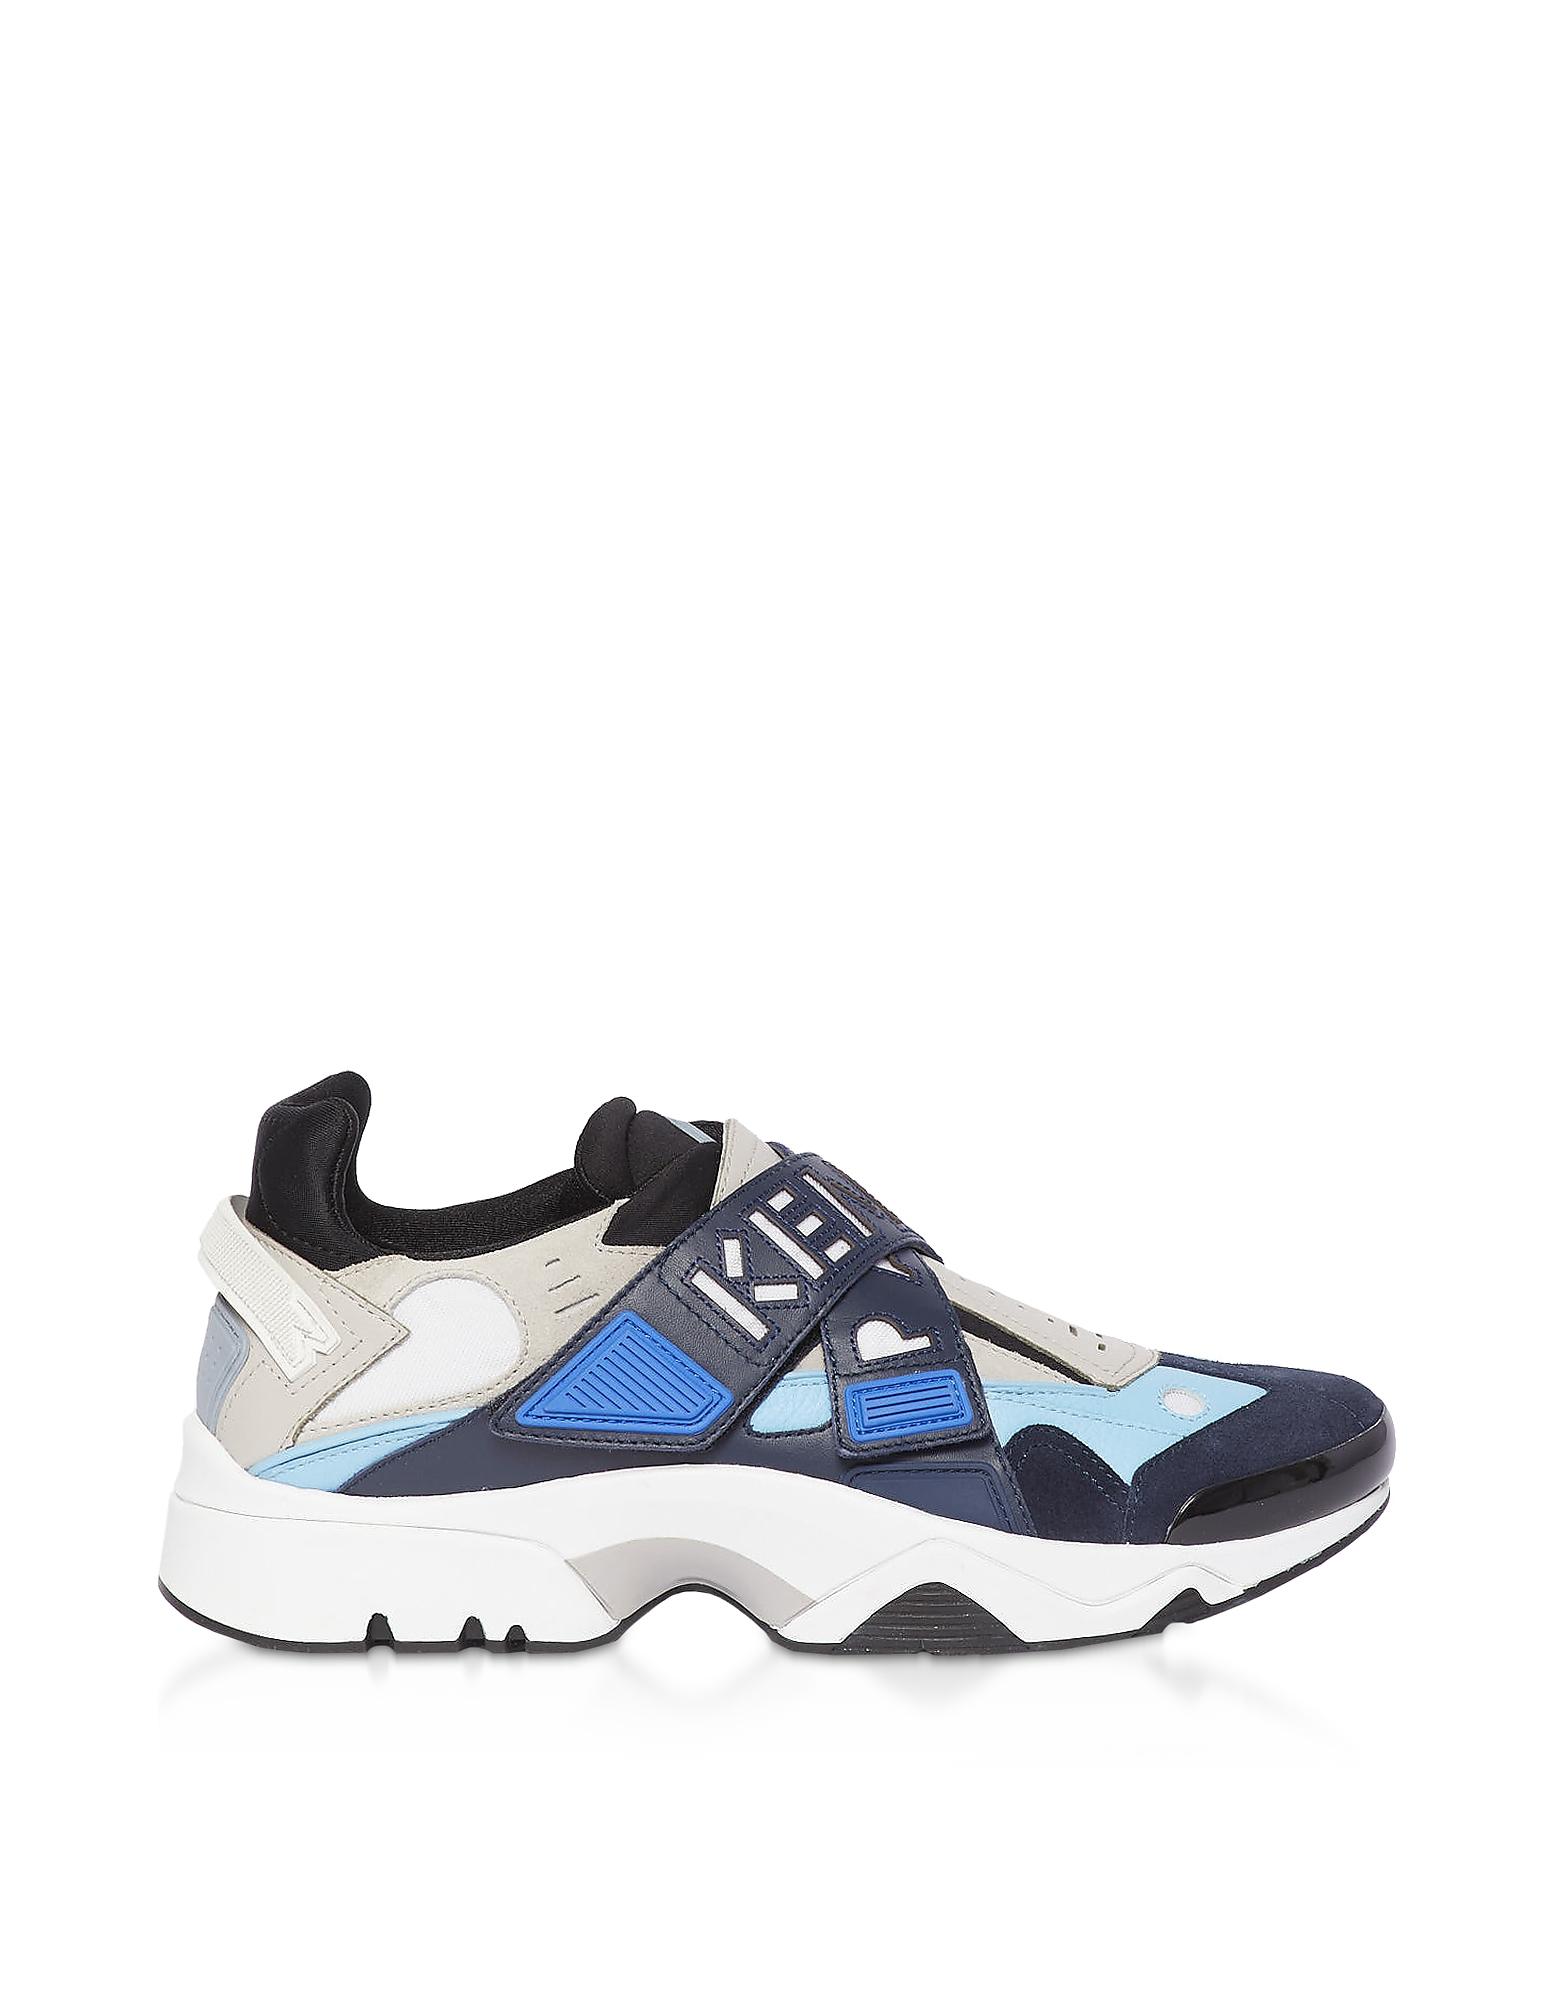 Cobalt Blue Sonic Low Top Men's Sneakers